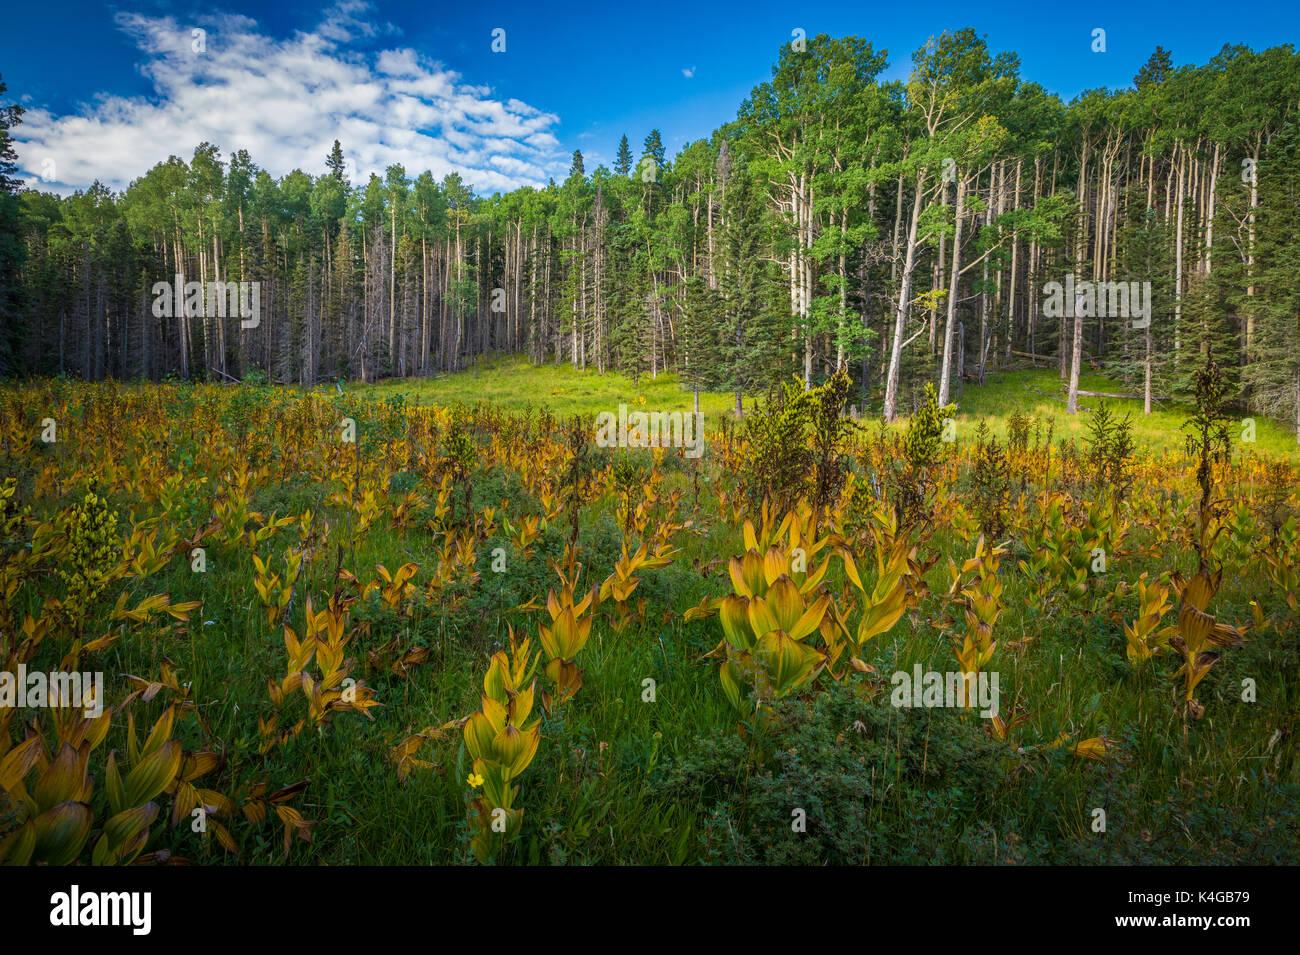 La nature sauvage Pecos est une zone naturelle protégée au sein de la Forêt Nationale de Santa Fe et Carson National Forest. Photo Stock